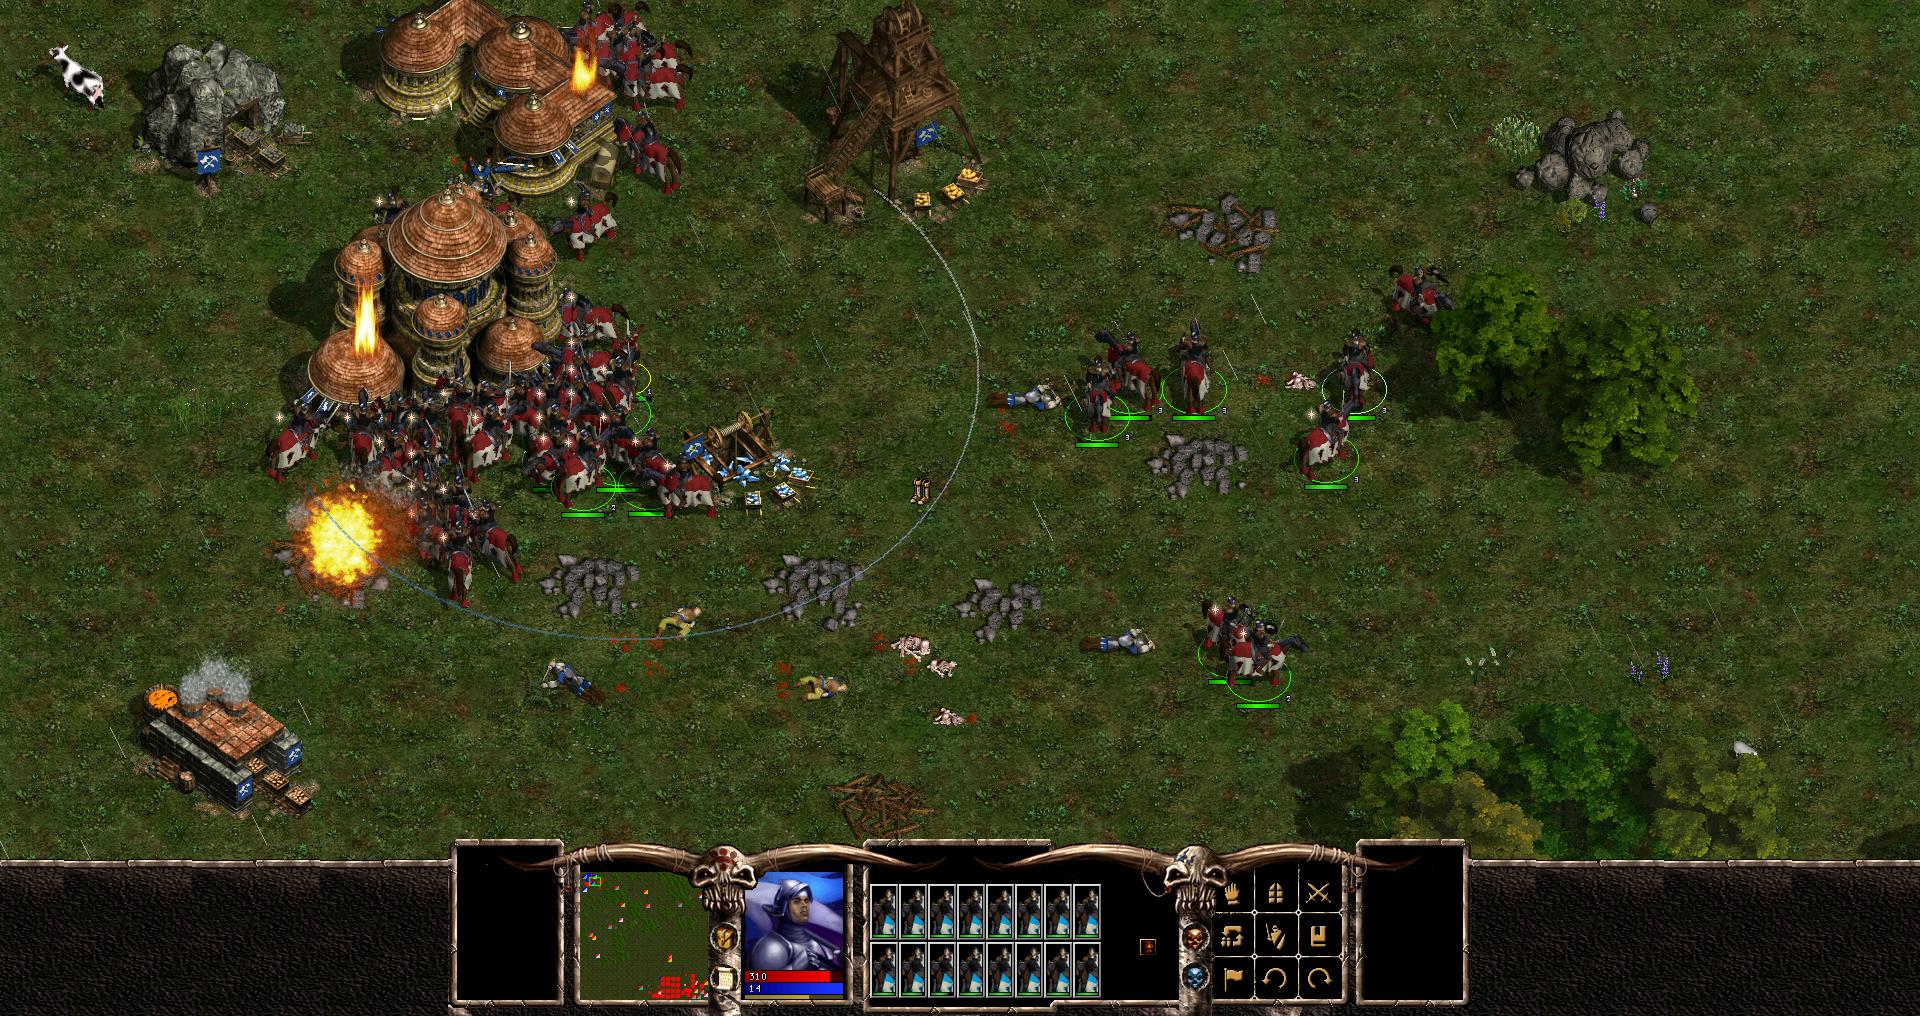 Warlords Battlecry 3 on